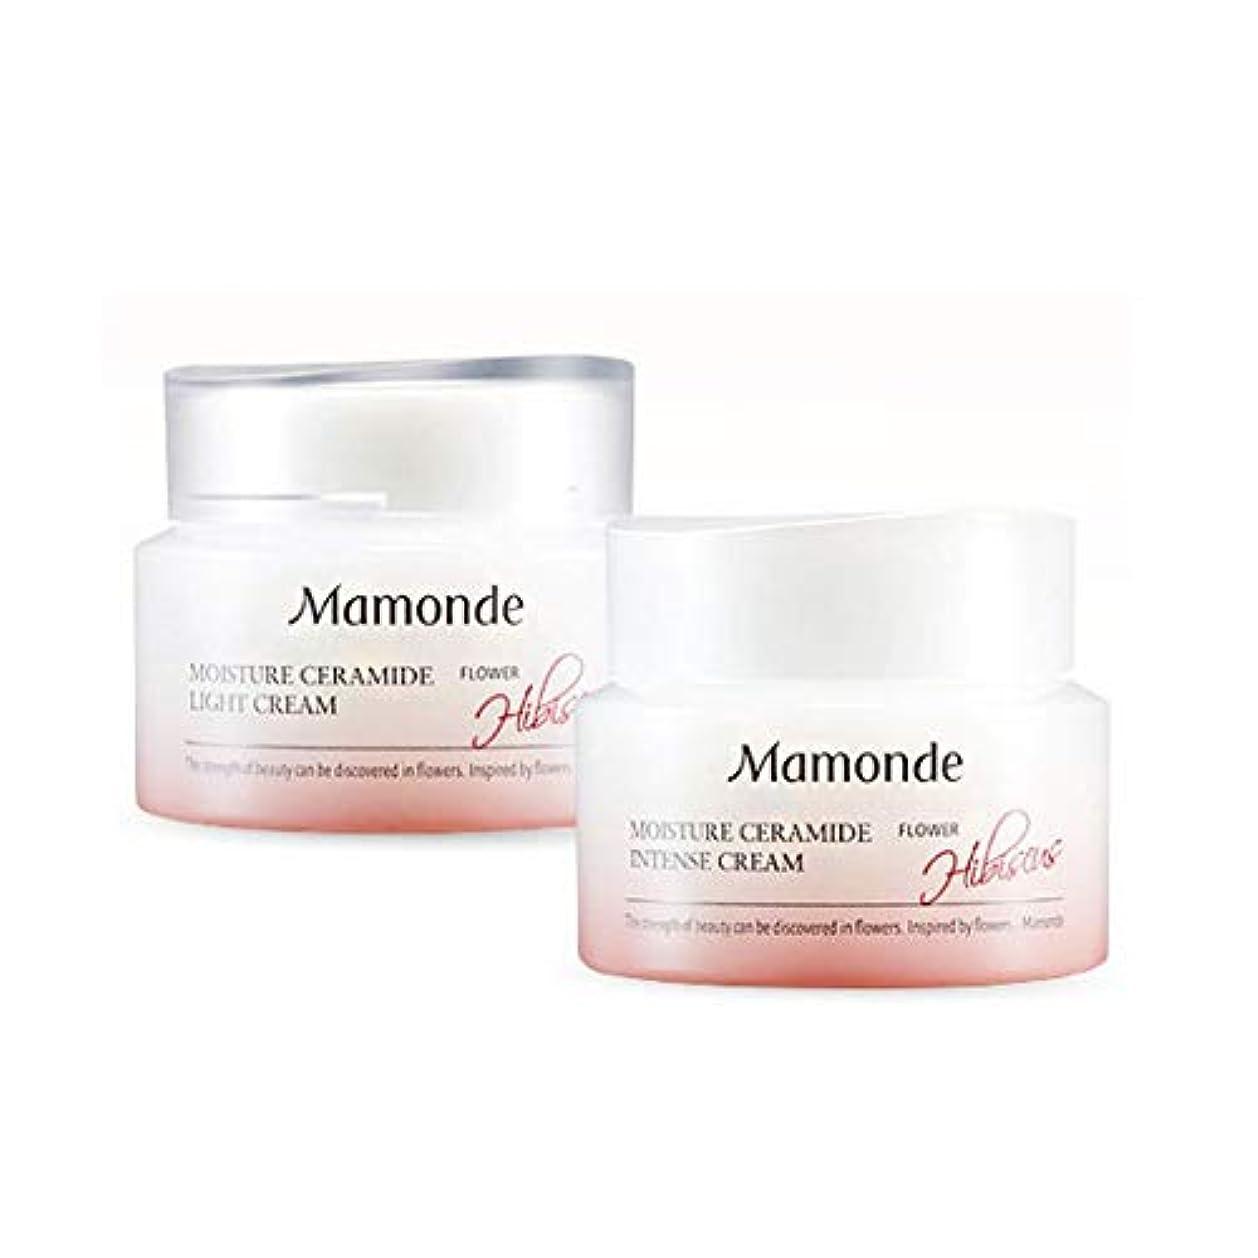 ブルゴーニュ平和な水っぽいマモンドモイスチャーセラミドインテンスクリーム50mlx2本セット韓国コスメ、Mamonde Moisture Ceramide Intense Cream 50ml x 2ea Set Korean Cosmetics...